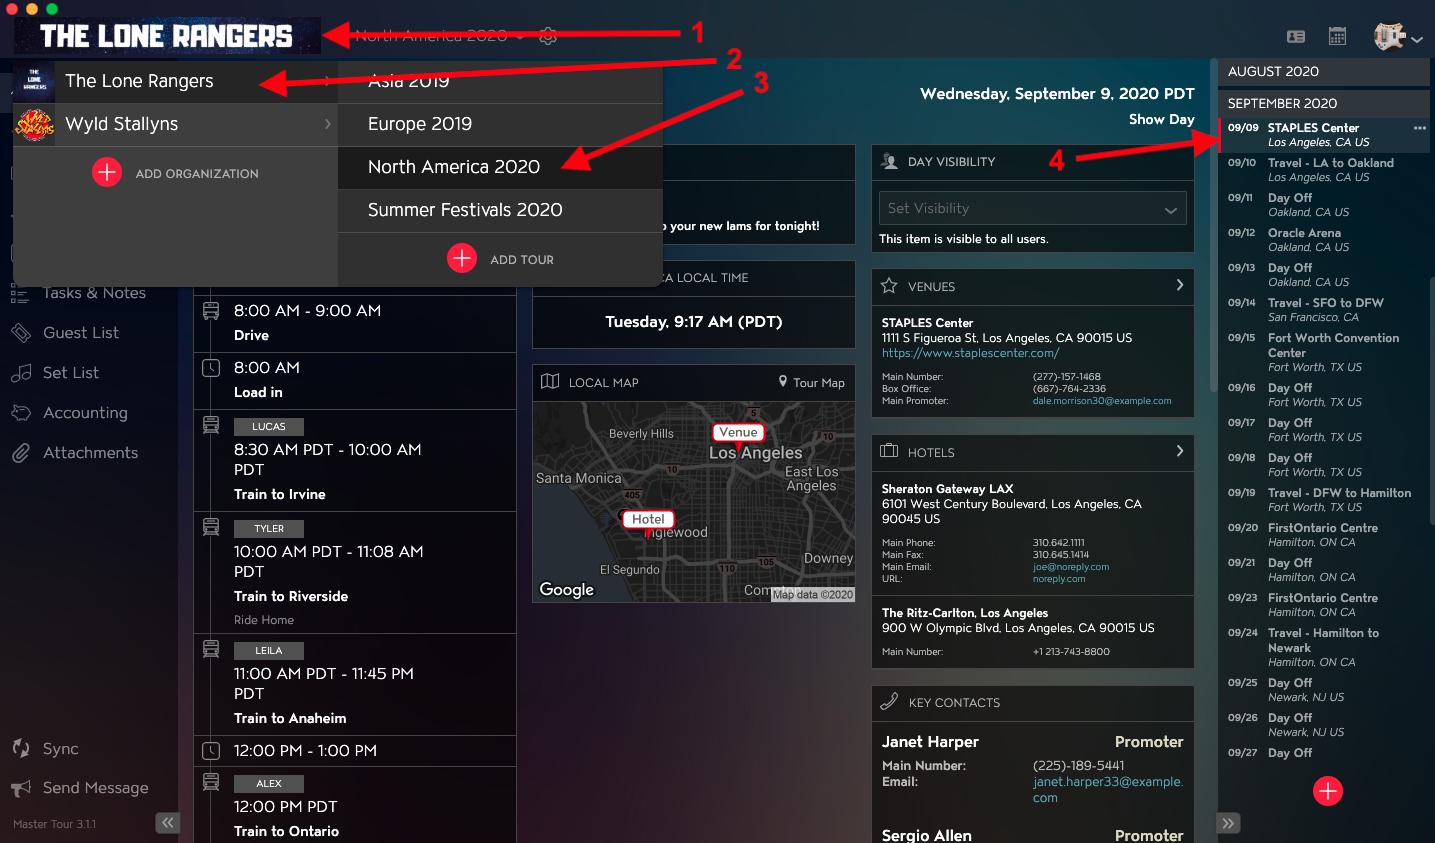 Visibility Tour Date Attachments